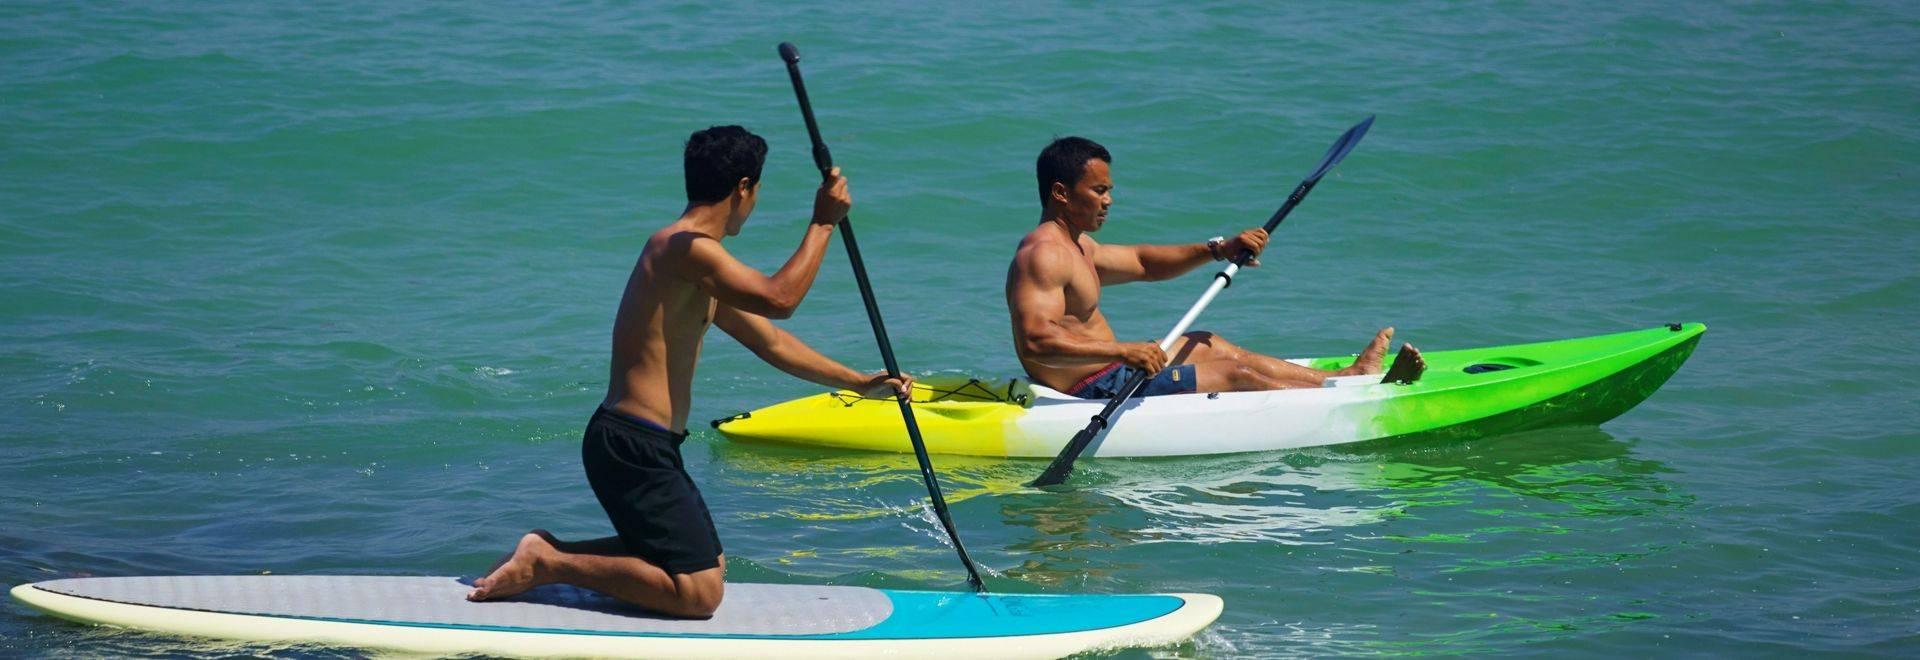 Amatara-paddle-board.jpg